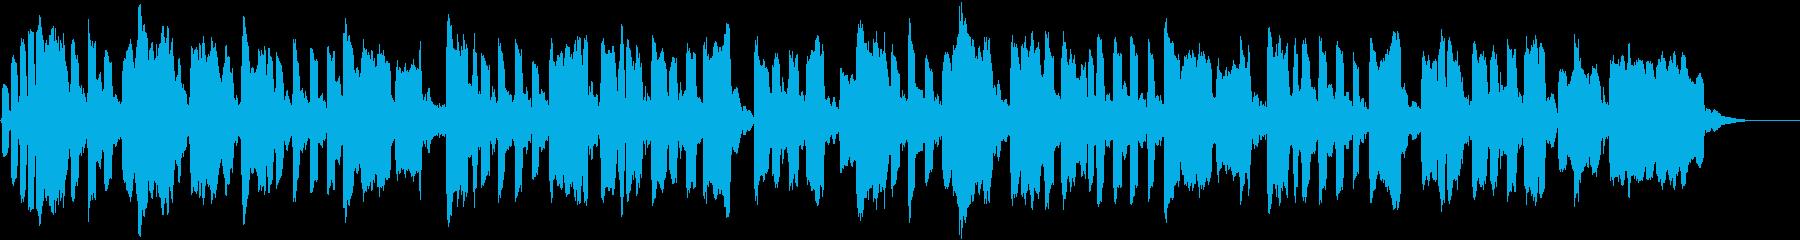 異国情緒のあるオカリナのメロディーの再生済みの波形